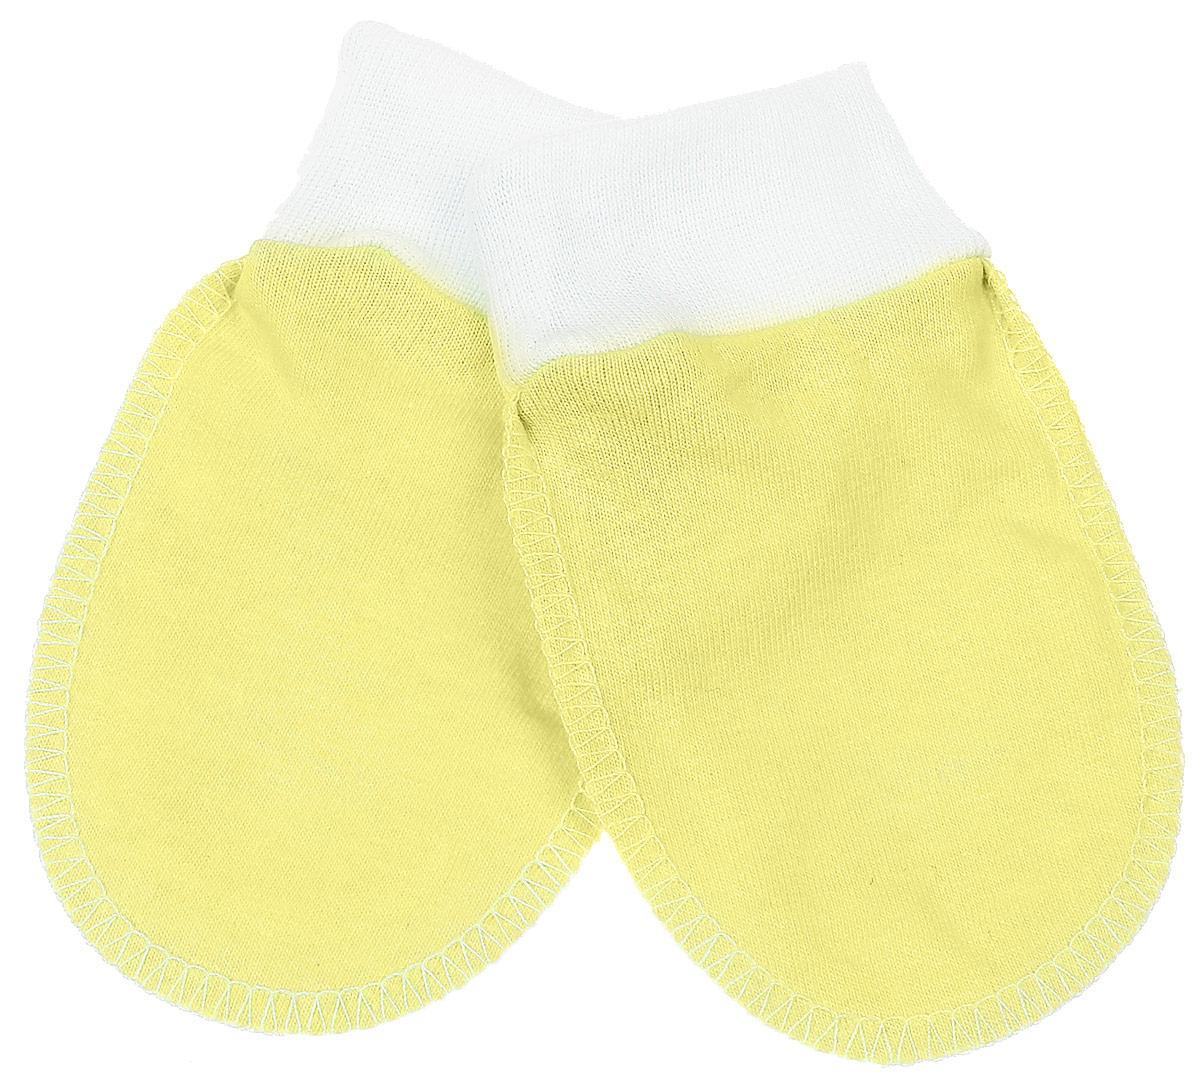 Рукавички Чудесные одежки, цвет: желтый, белый. 5906. Размер 625906Рукавички для младенцев Чудесные одежки изготовлены из натурального хлопка. Они не раздражают нежную кожу ребенка. Широкие мягкие резинки не стягивают ручки. Швы выполнены на лицевую сторону.